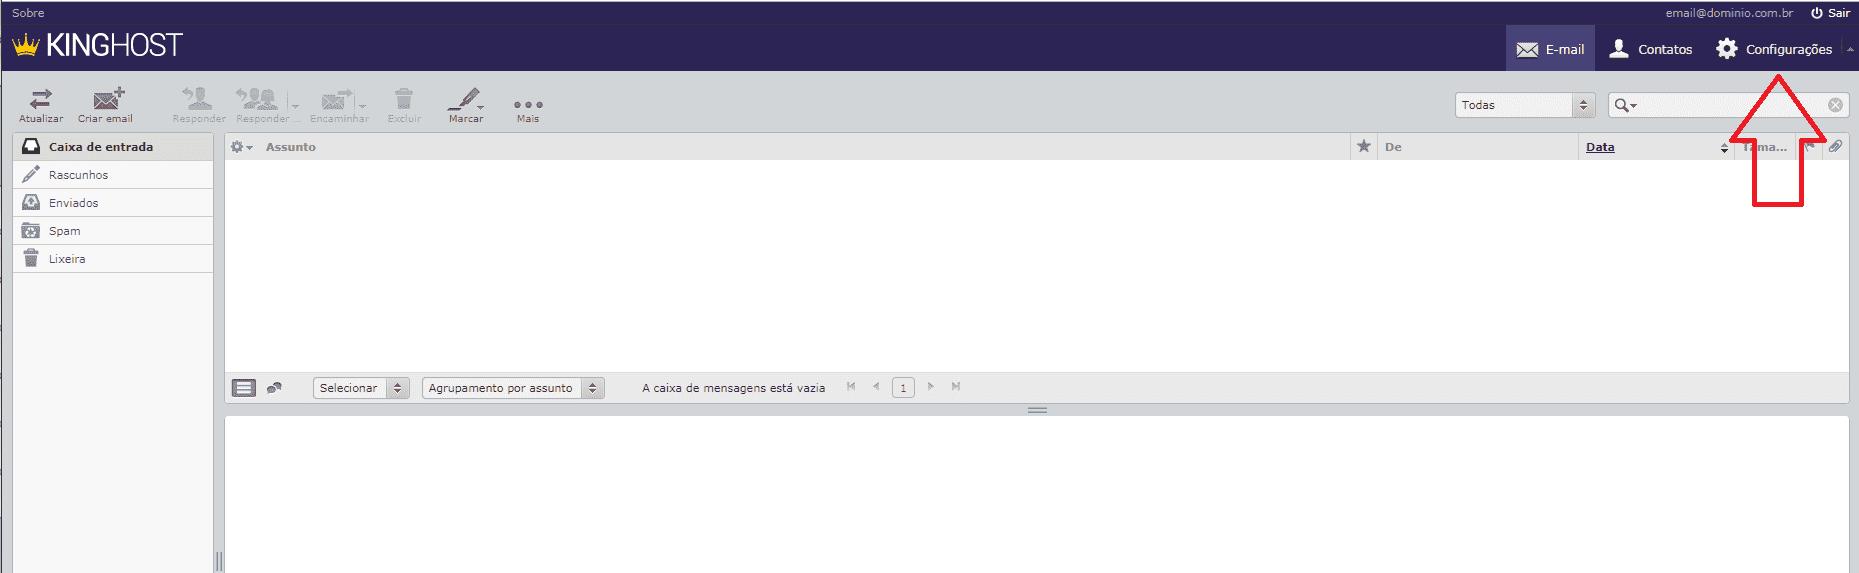 Como alterar o tema do webmail. Acessando o menu Configurações.